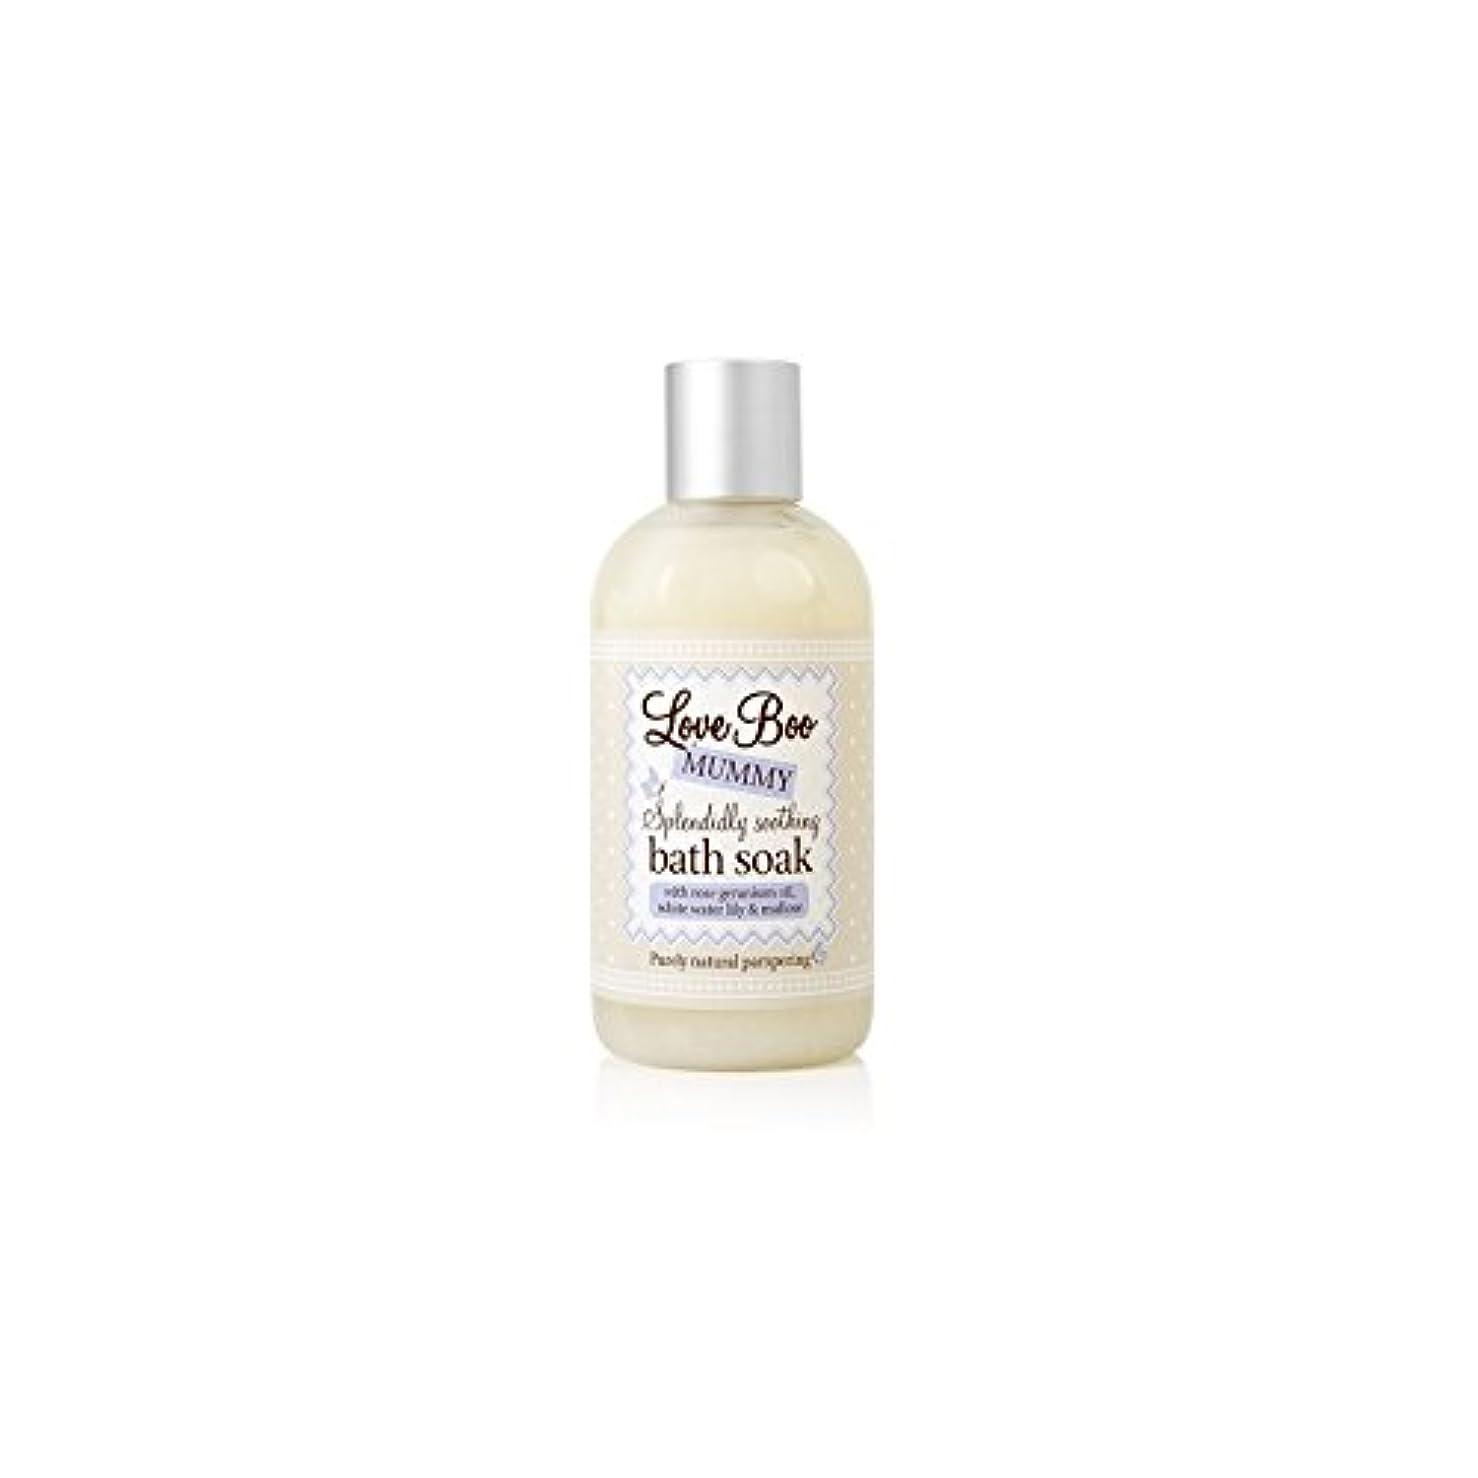 混乱した愛情内向きLove Boo Splendidly Soothing Bath Soak (250ml) (Pack of 6) - ブーイング見事なだめるようなお風呂が大好き(250ミリリットル)を浸します x6 [並行輸入品]